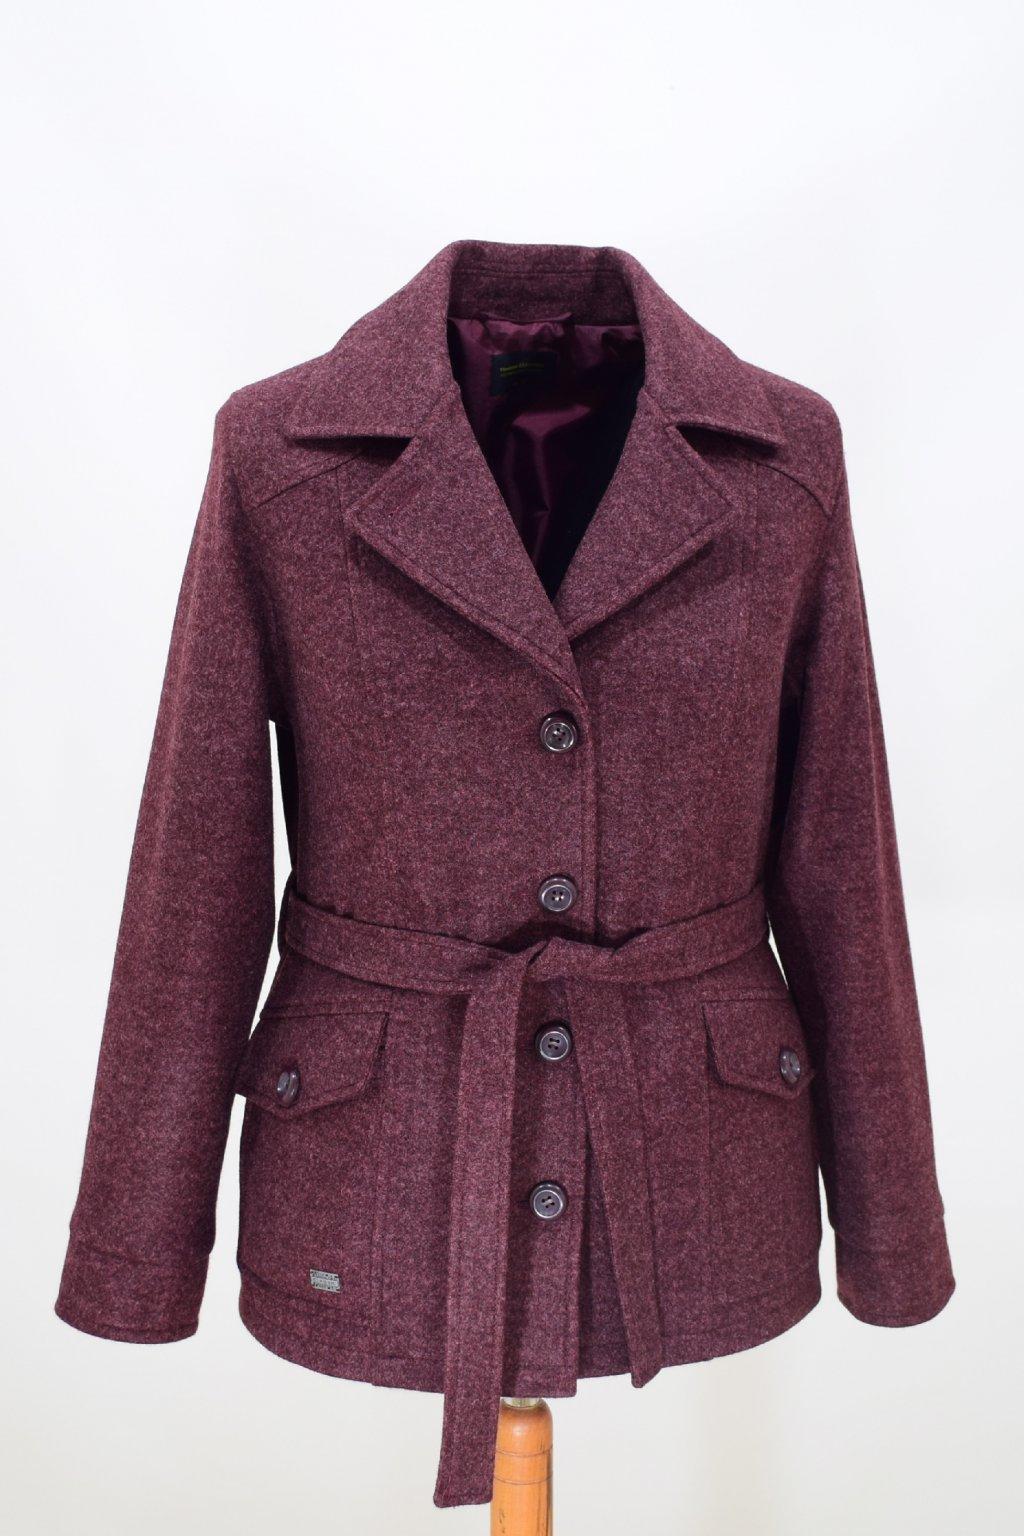 Dámský vínový přechodový kabátek Erika nadměrné velikosti.